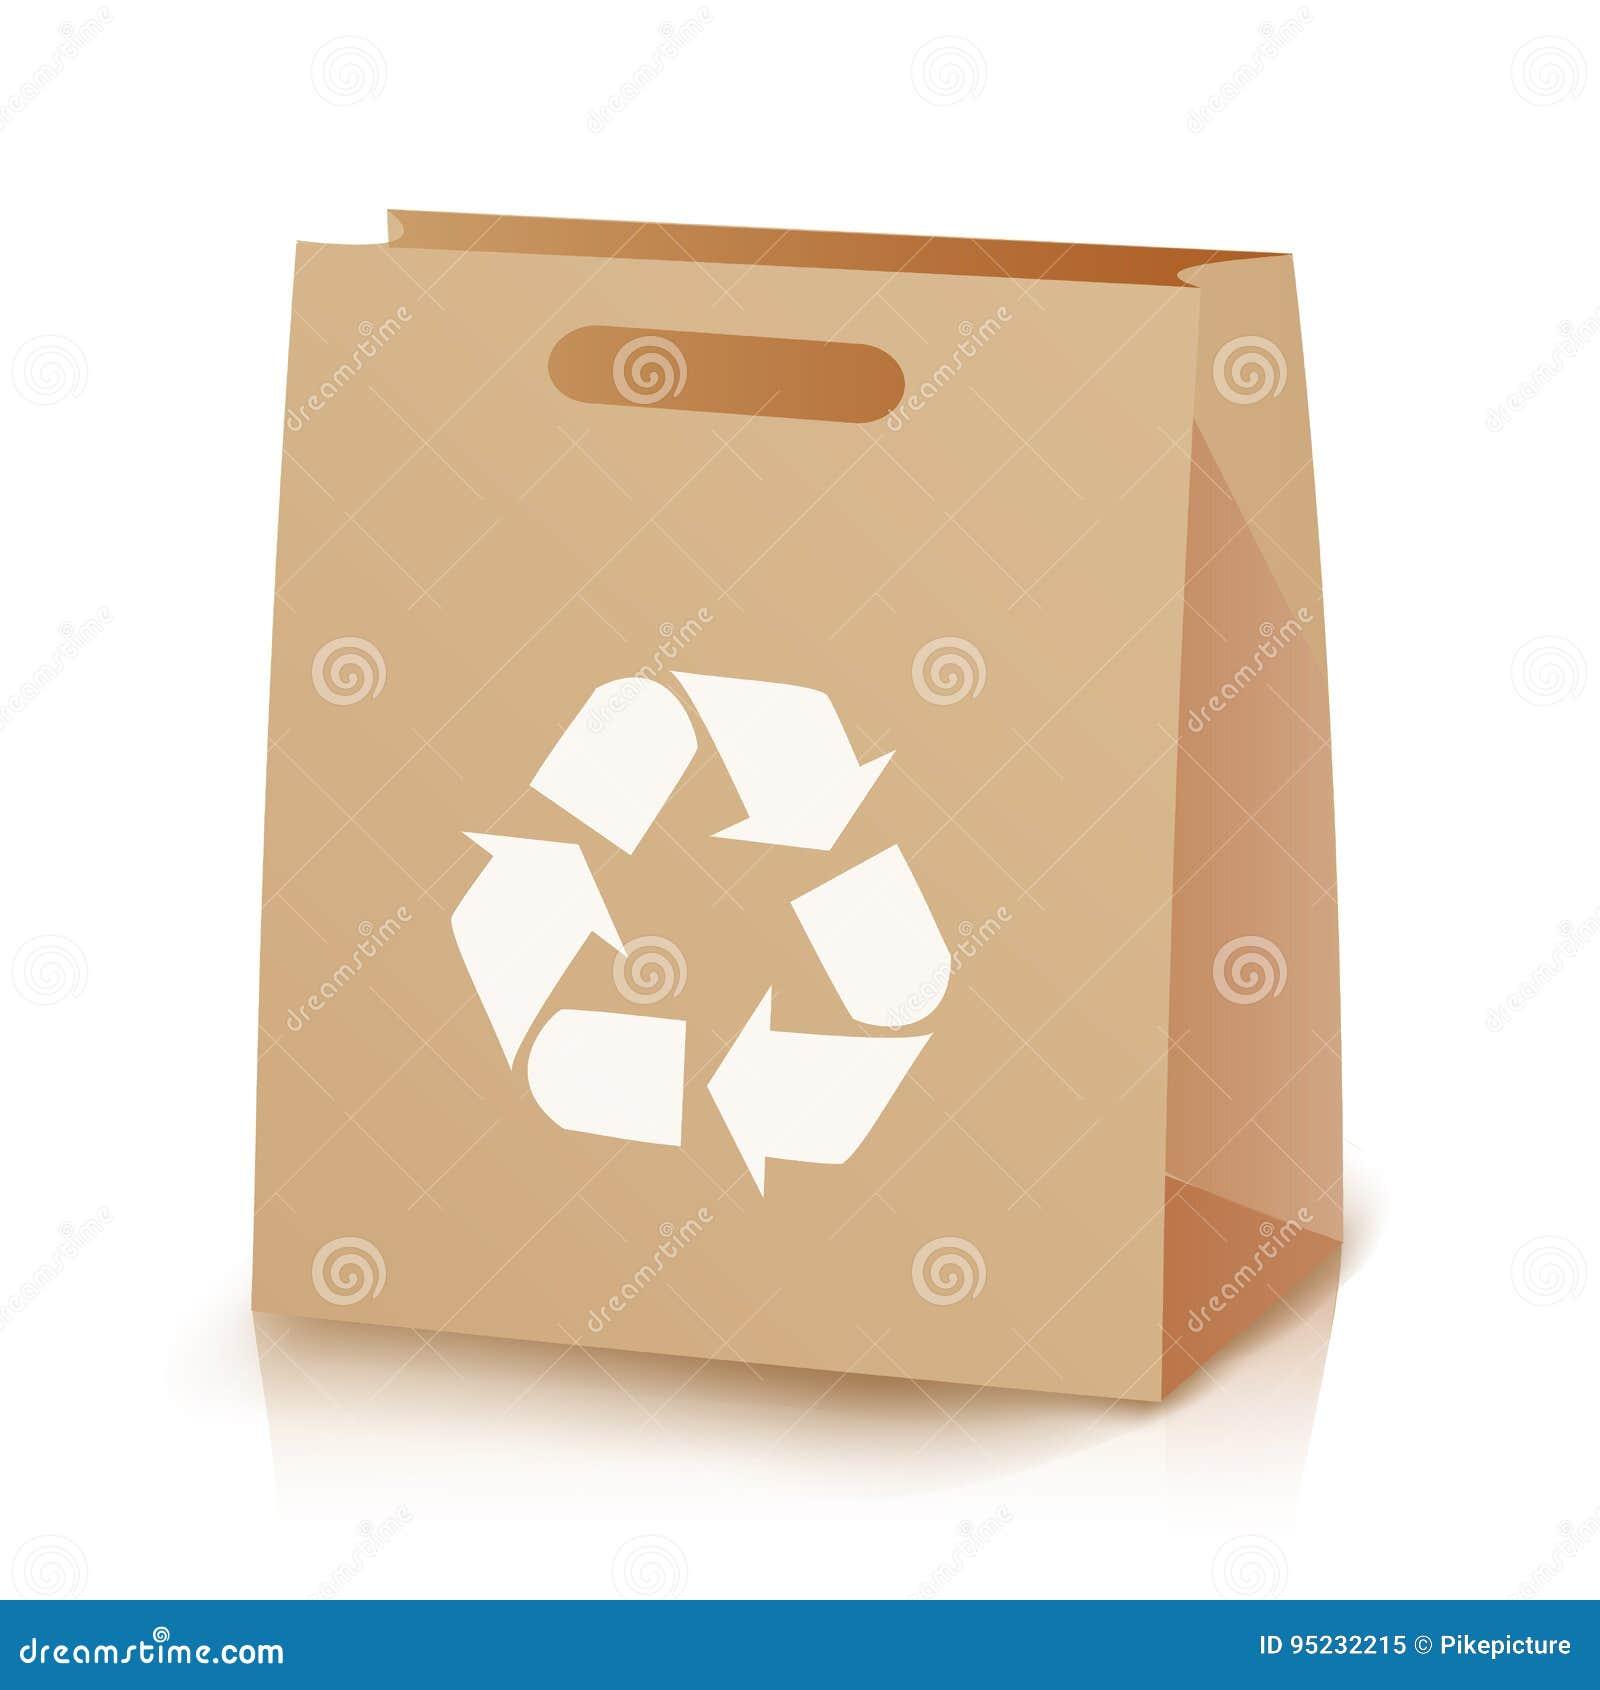 Recicl o saco marrom da compra Ilustração do saco de papel reciclado da compra de Brown com punhos Recicl o símbolo Isolado